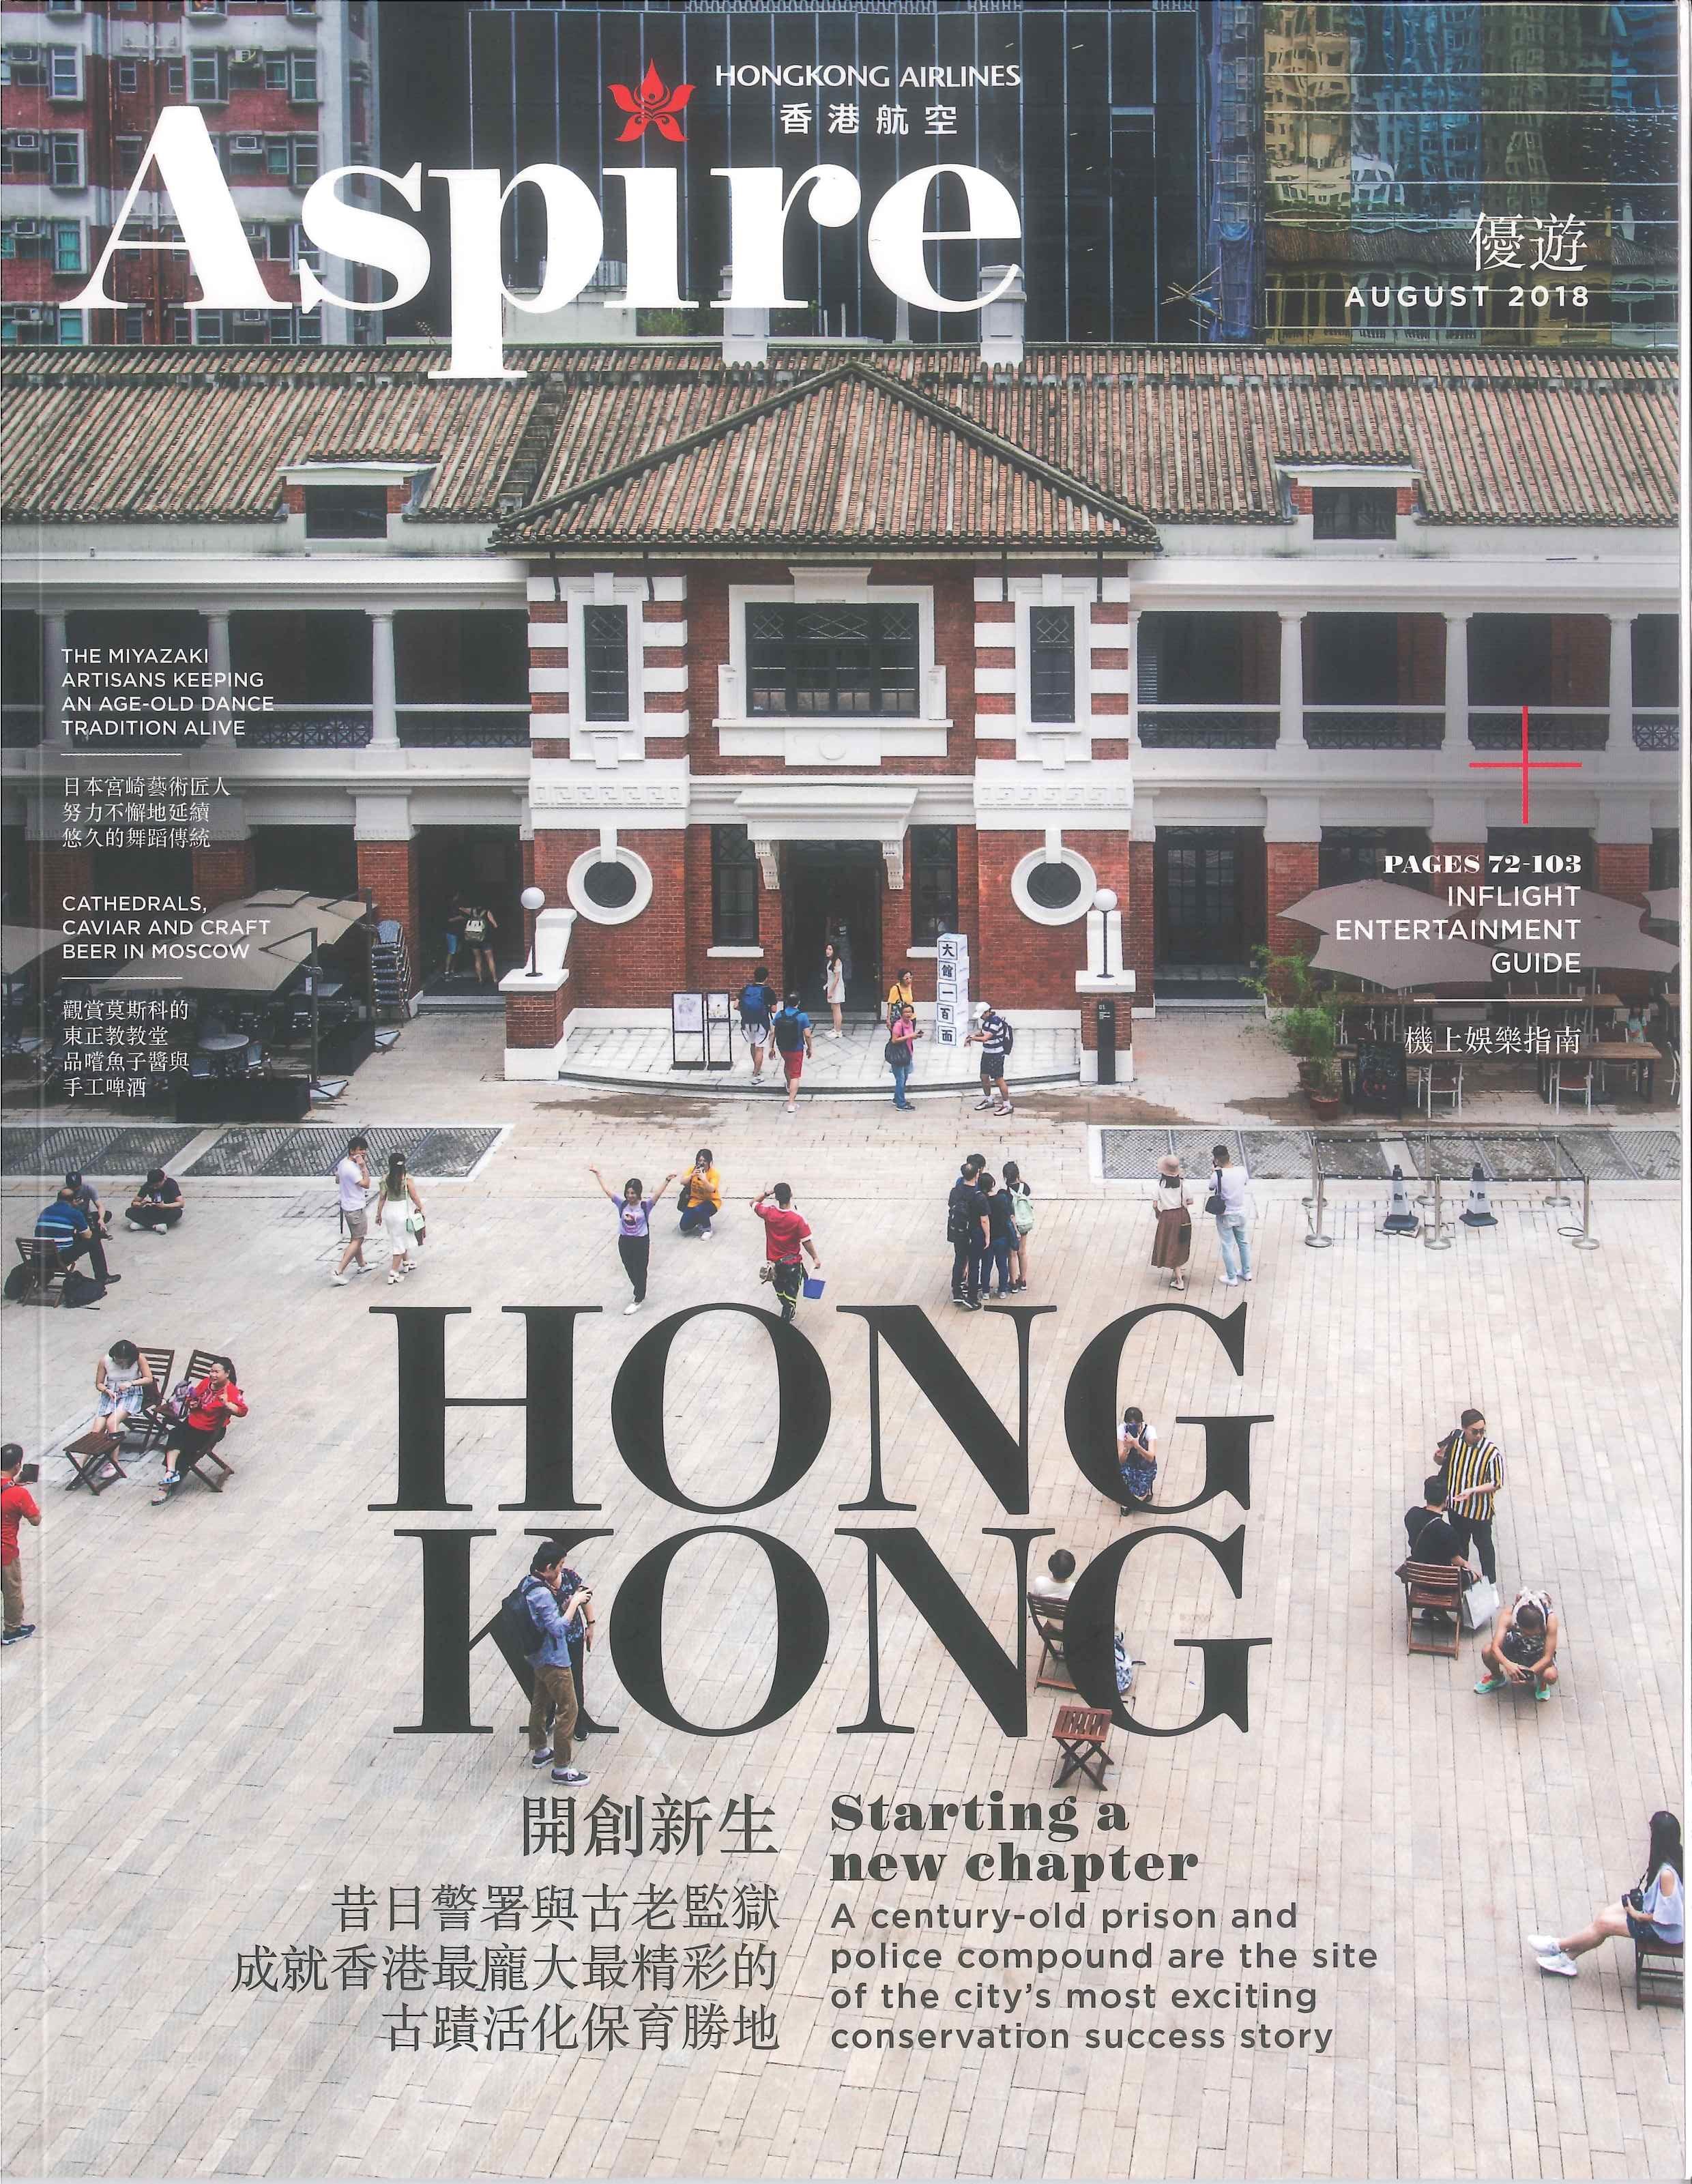 ASPIRE HONGKONG AIRLINE